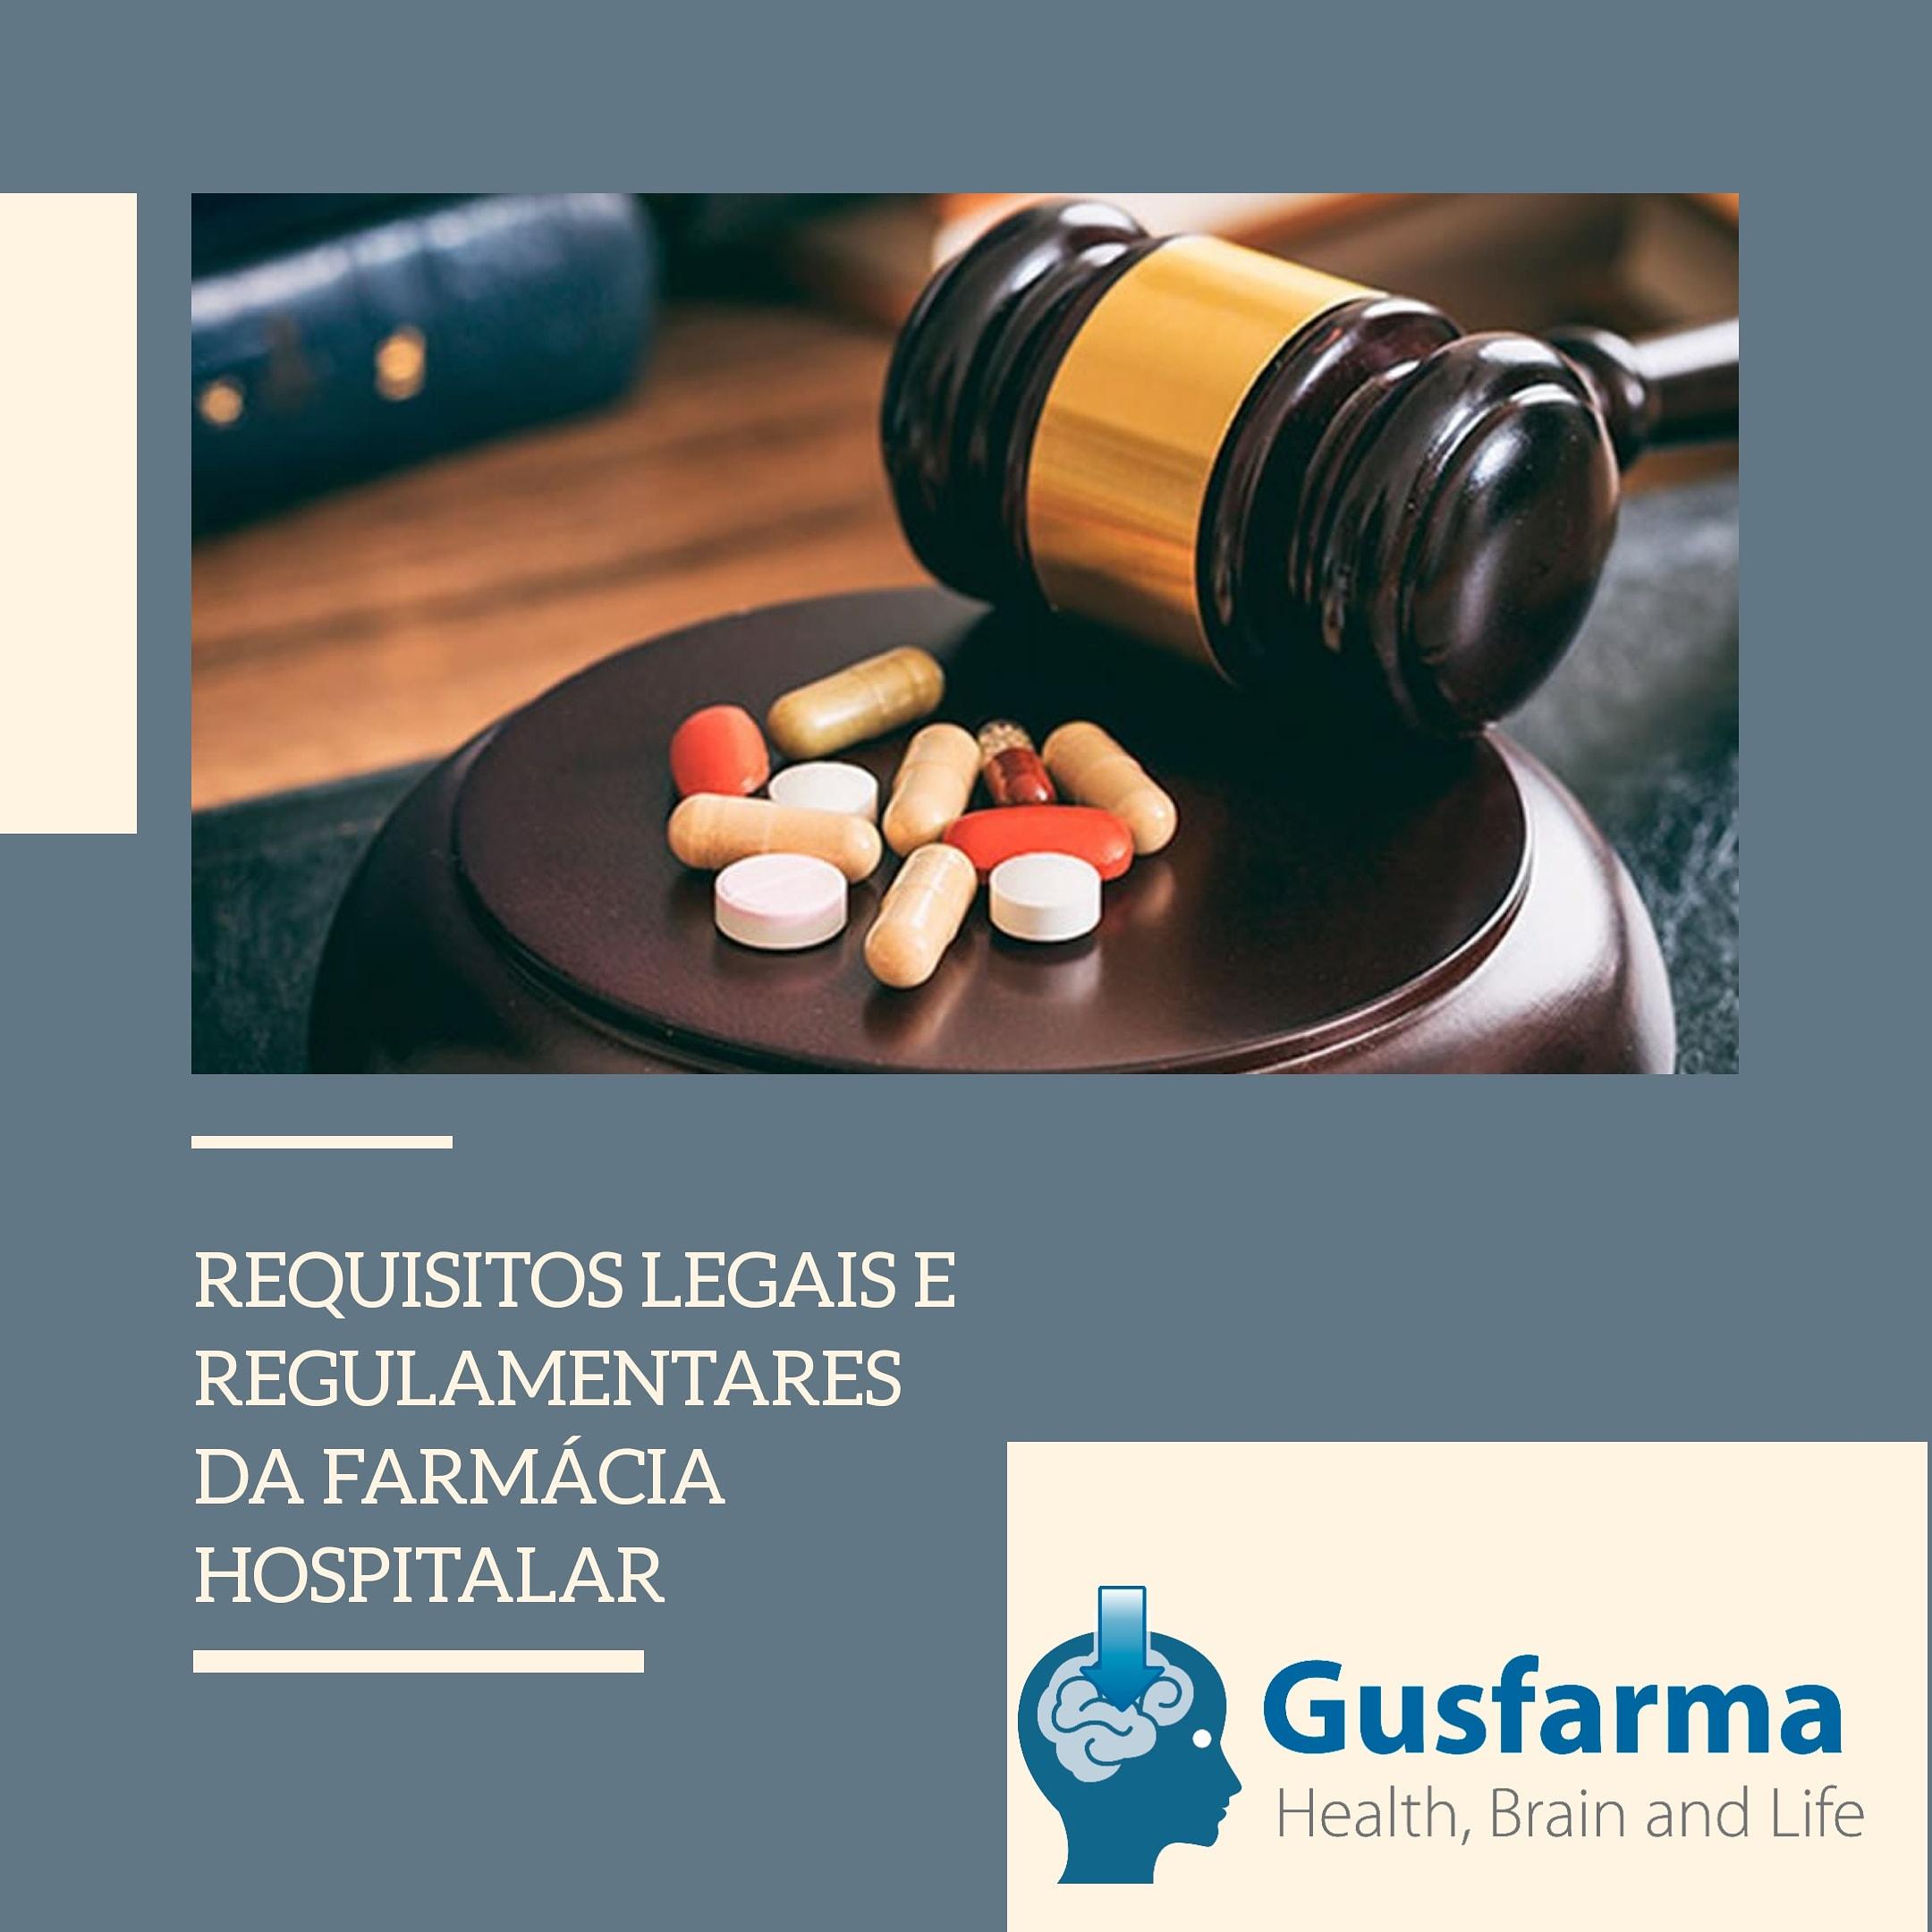 Requisitos legais e regulamentares da farmácia hospitalar